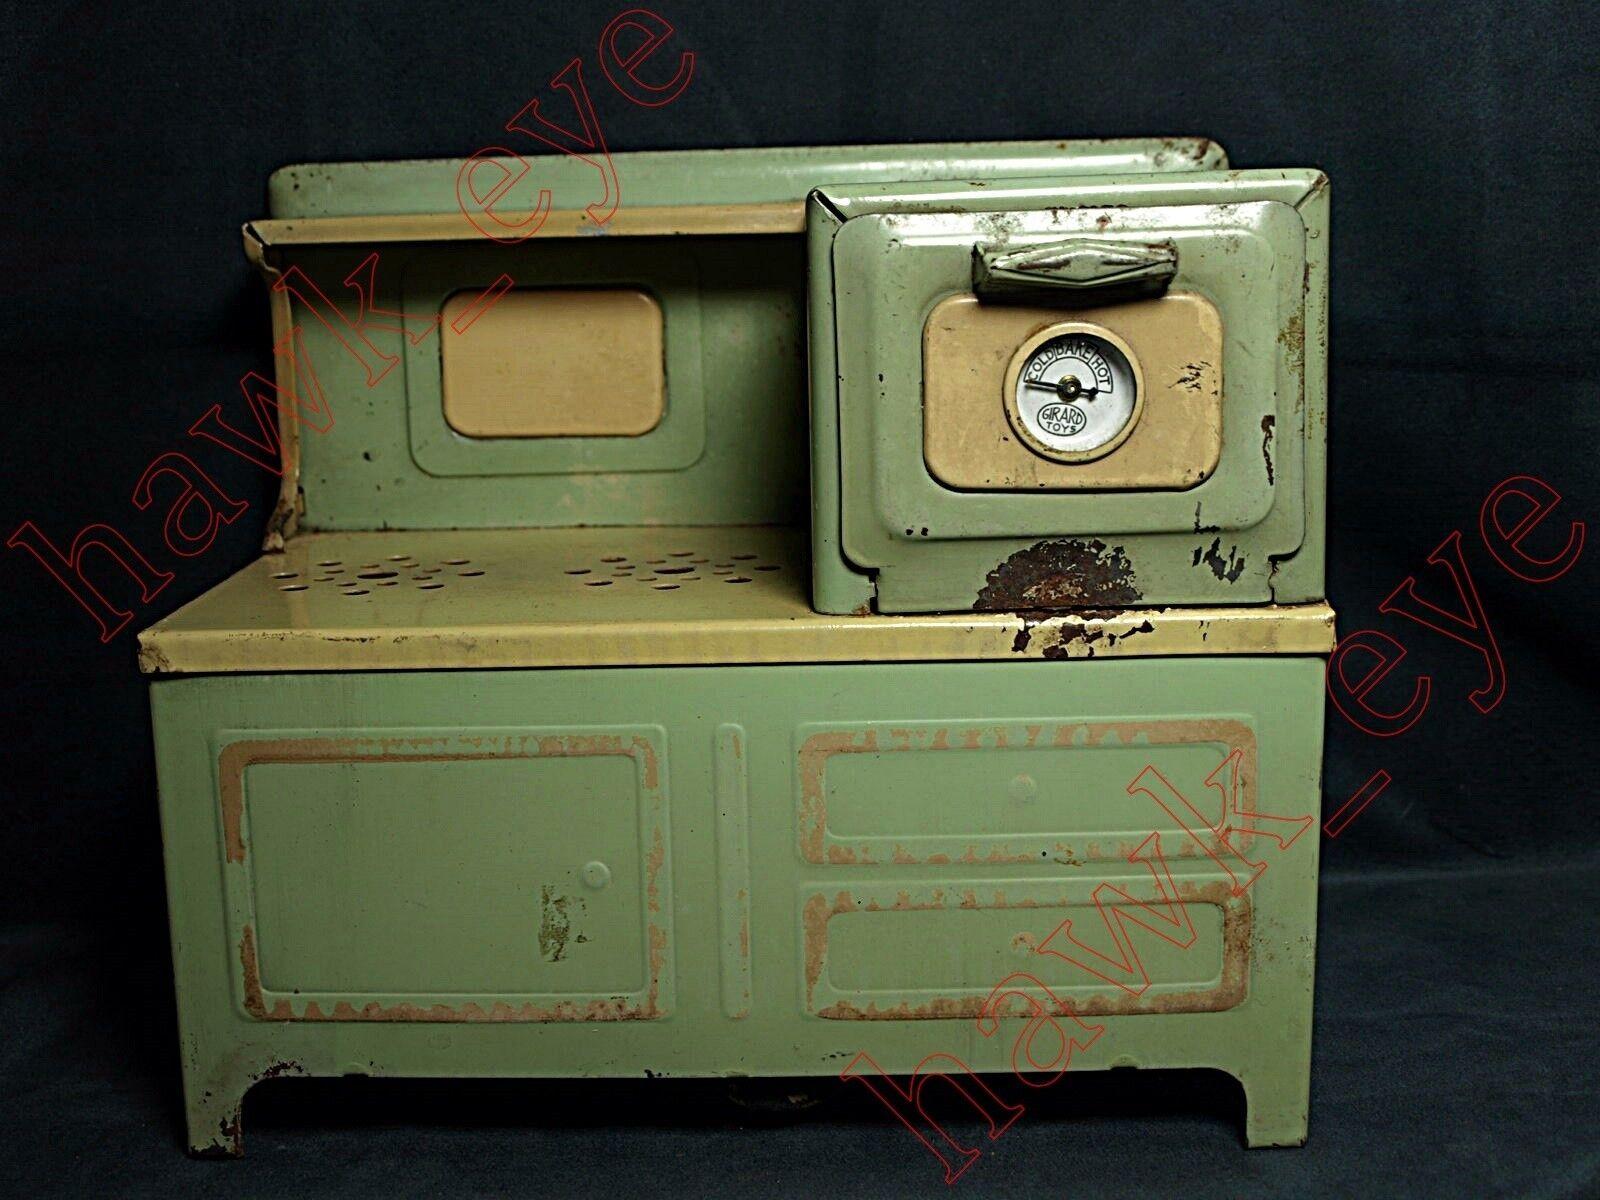 Estufa Eléctrica Vintage Niños de lujo Gama Con Original Temp calibre difícil de encontrar